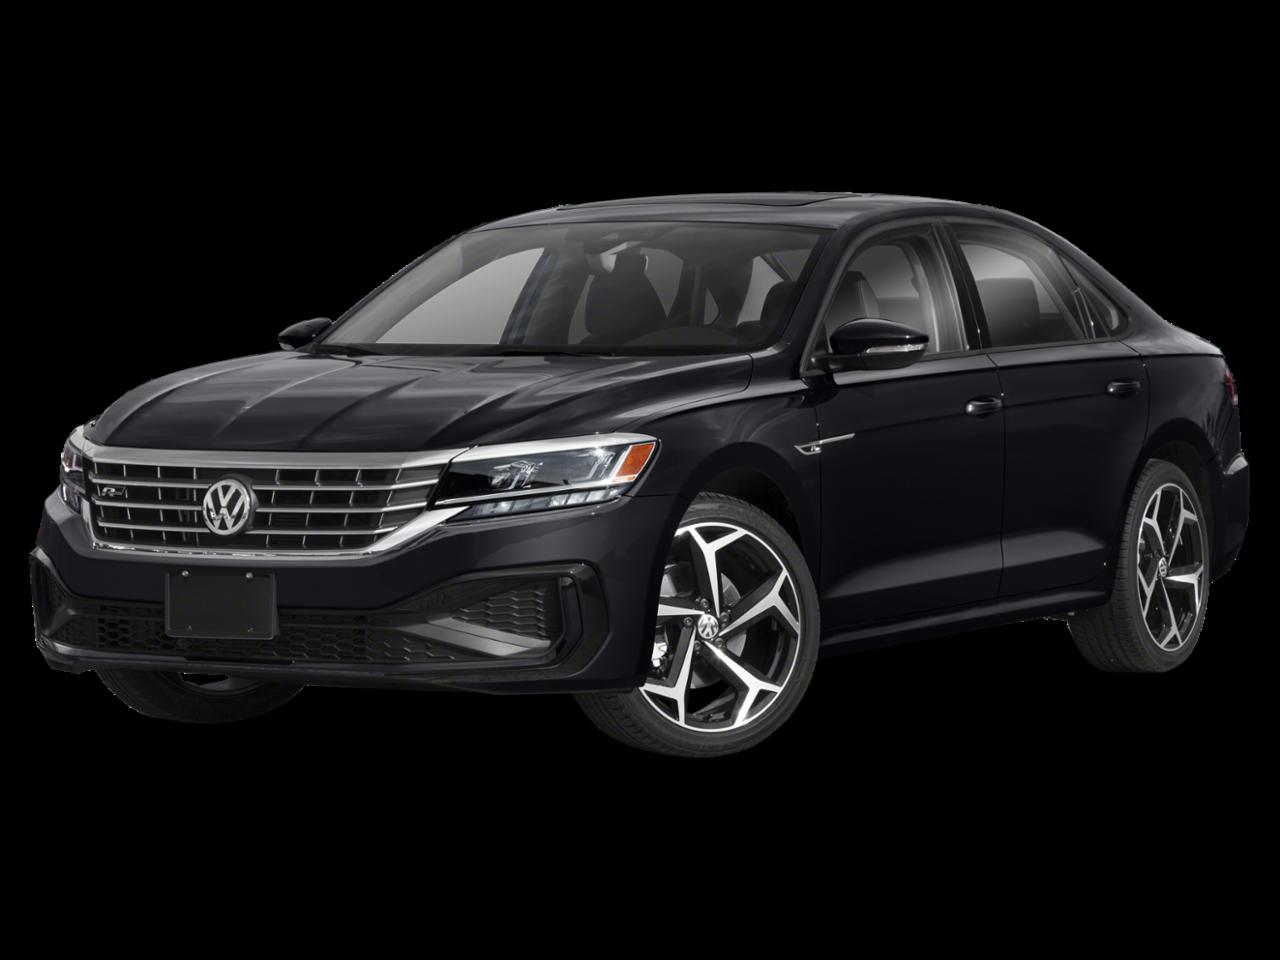 Volkswagen 2021 Passat 2.0T R-Line